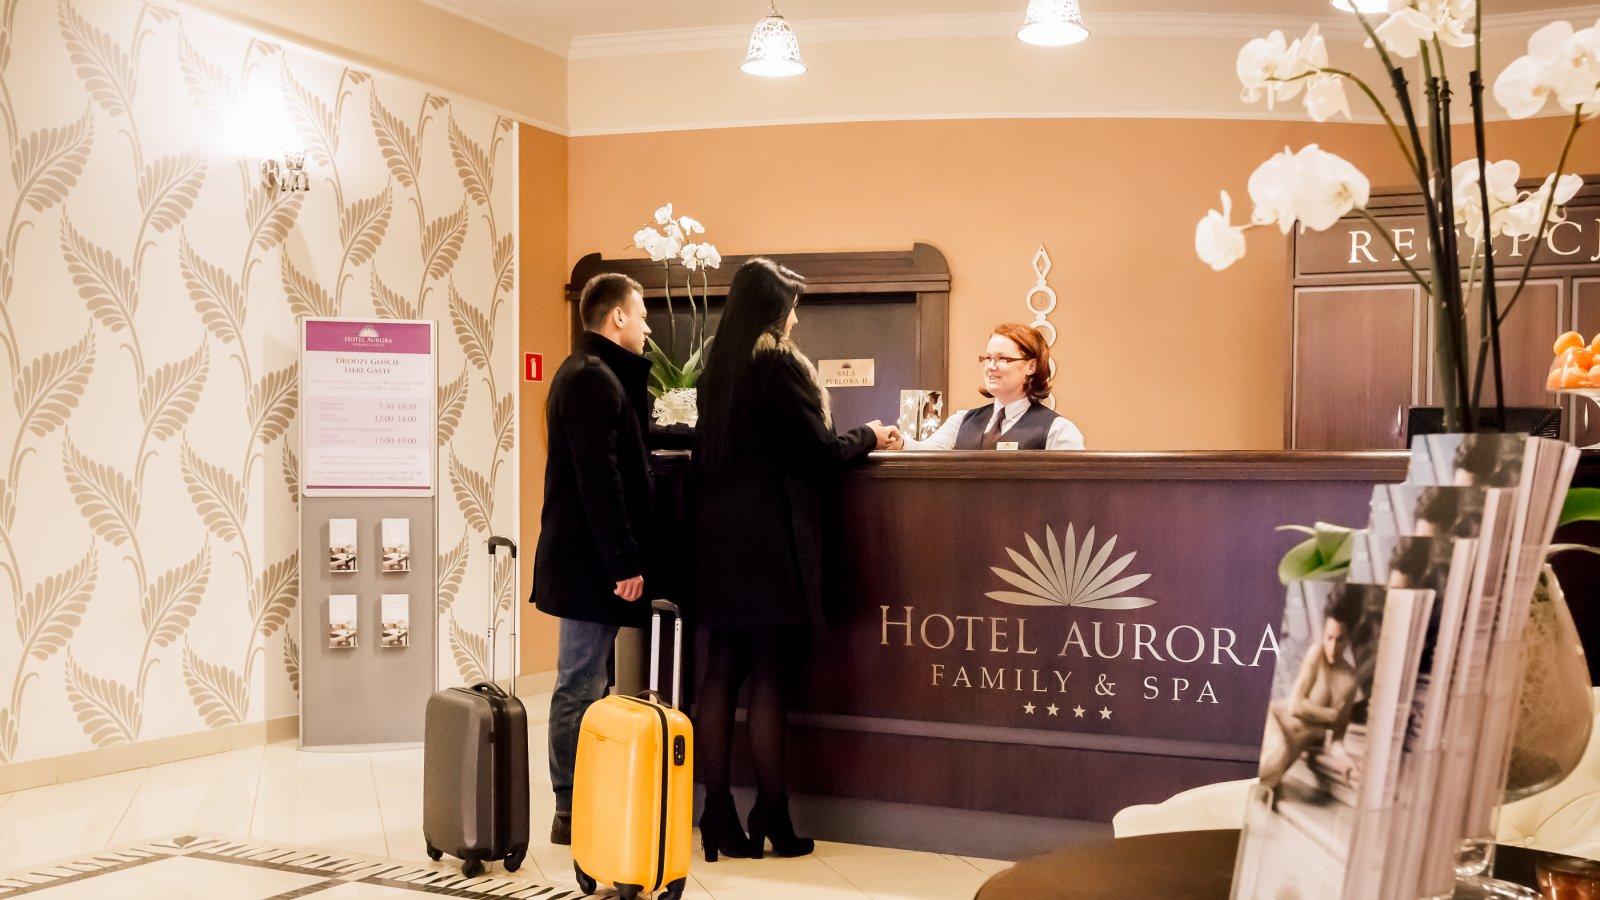 Hotell Aurora receptionen